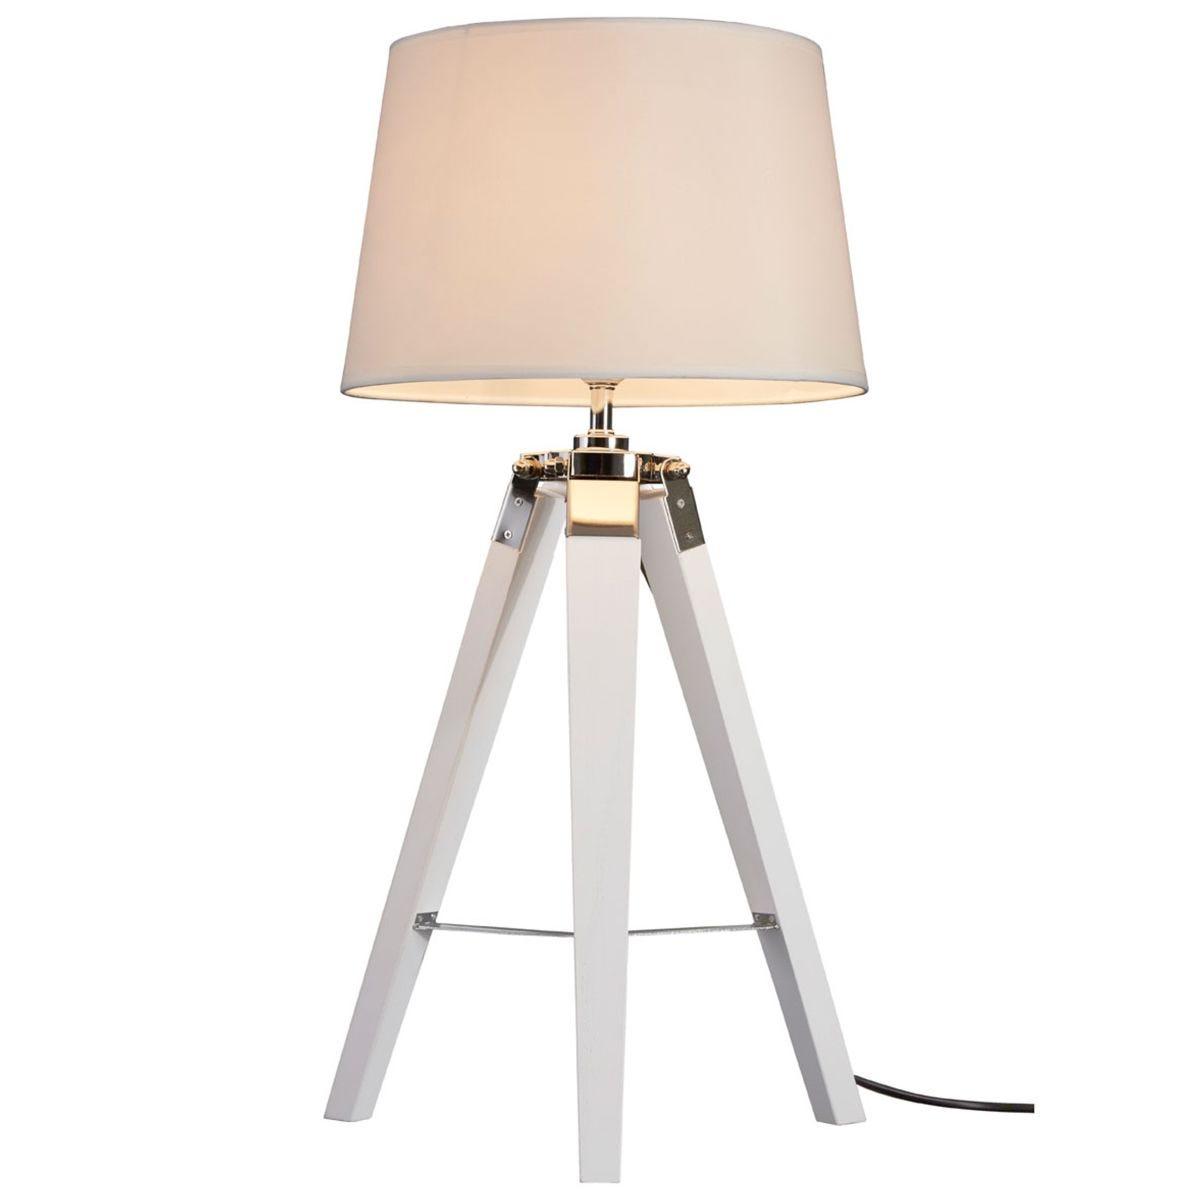 Premier Housewares Bailey Table Lamp Tripod - White